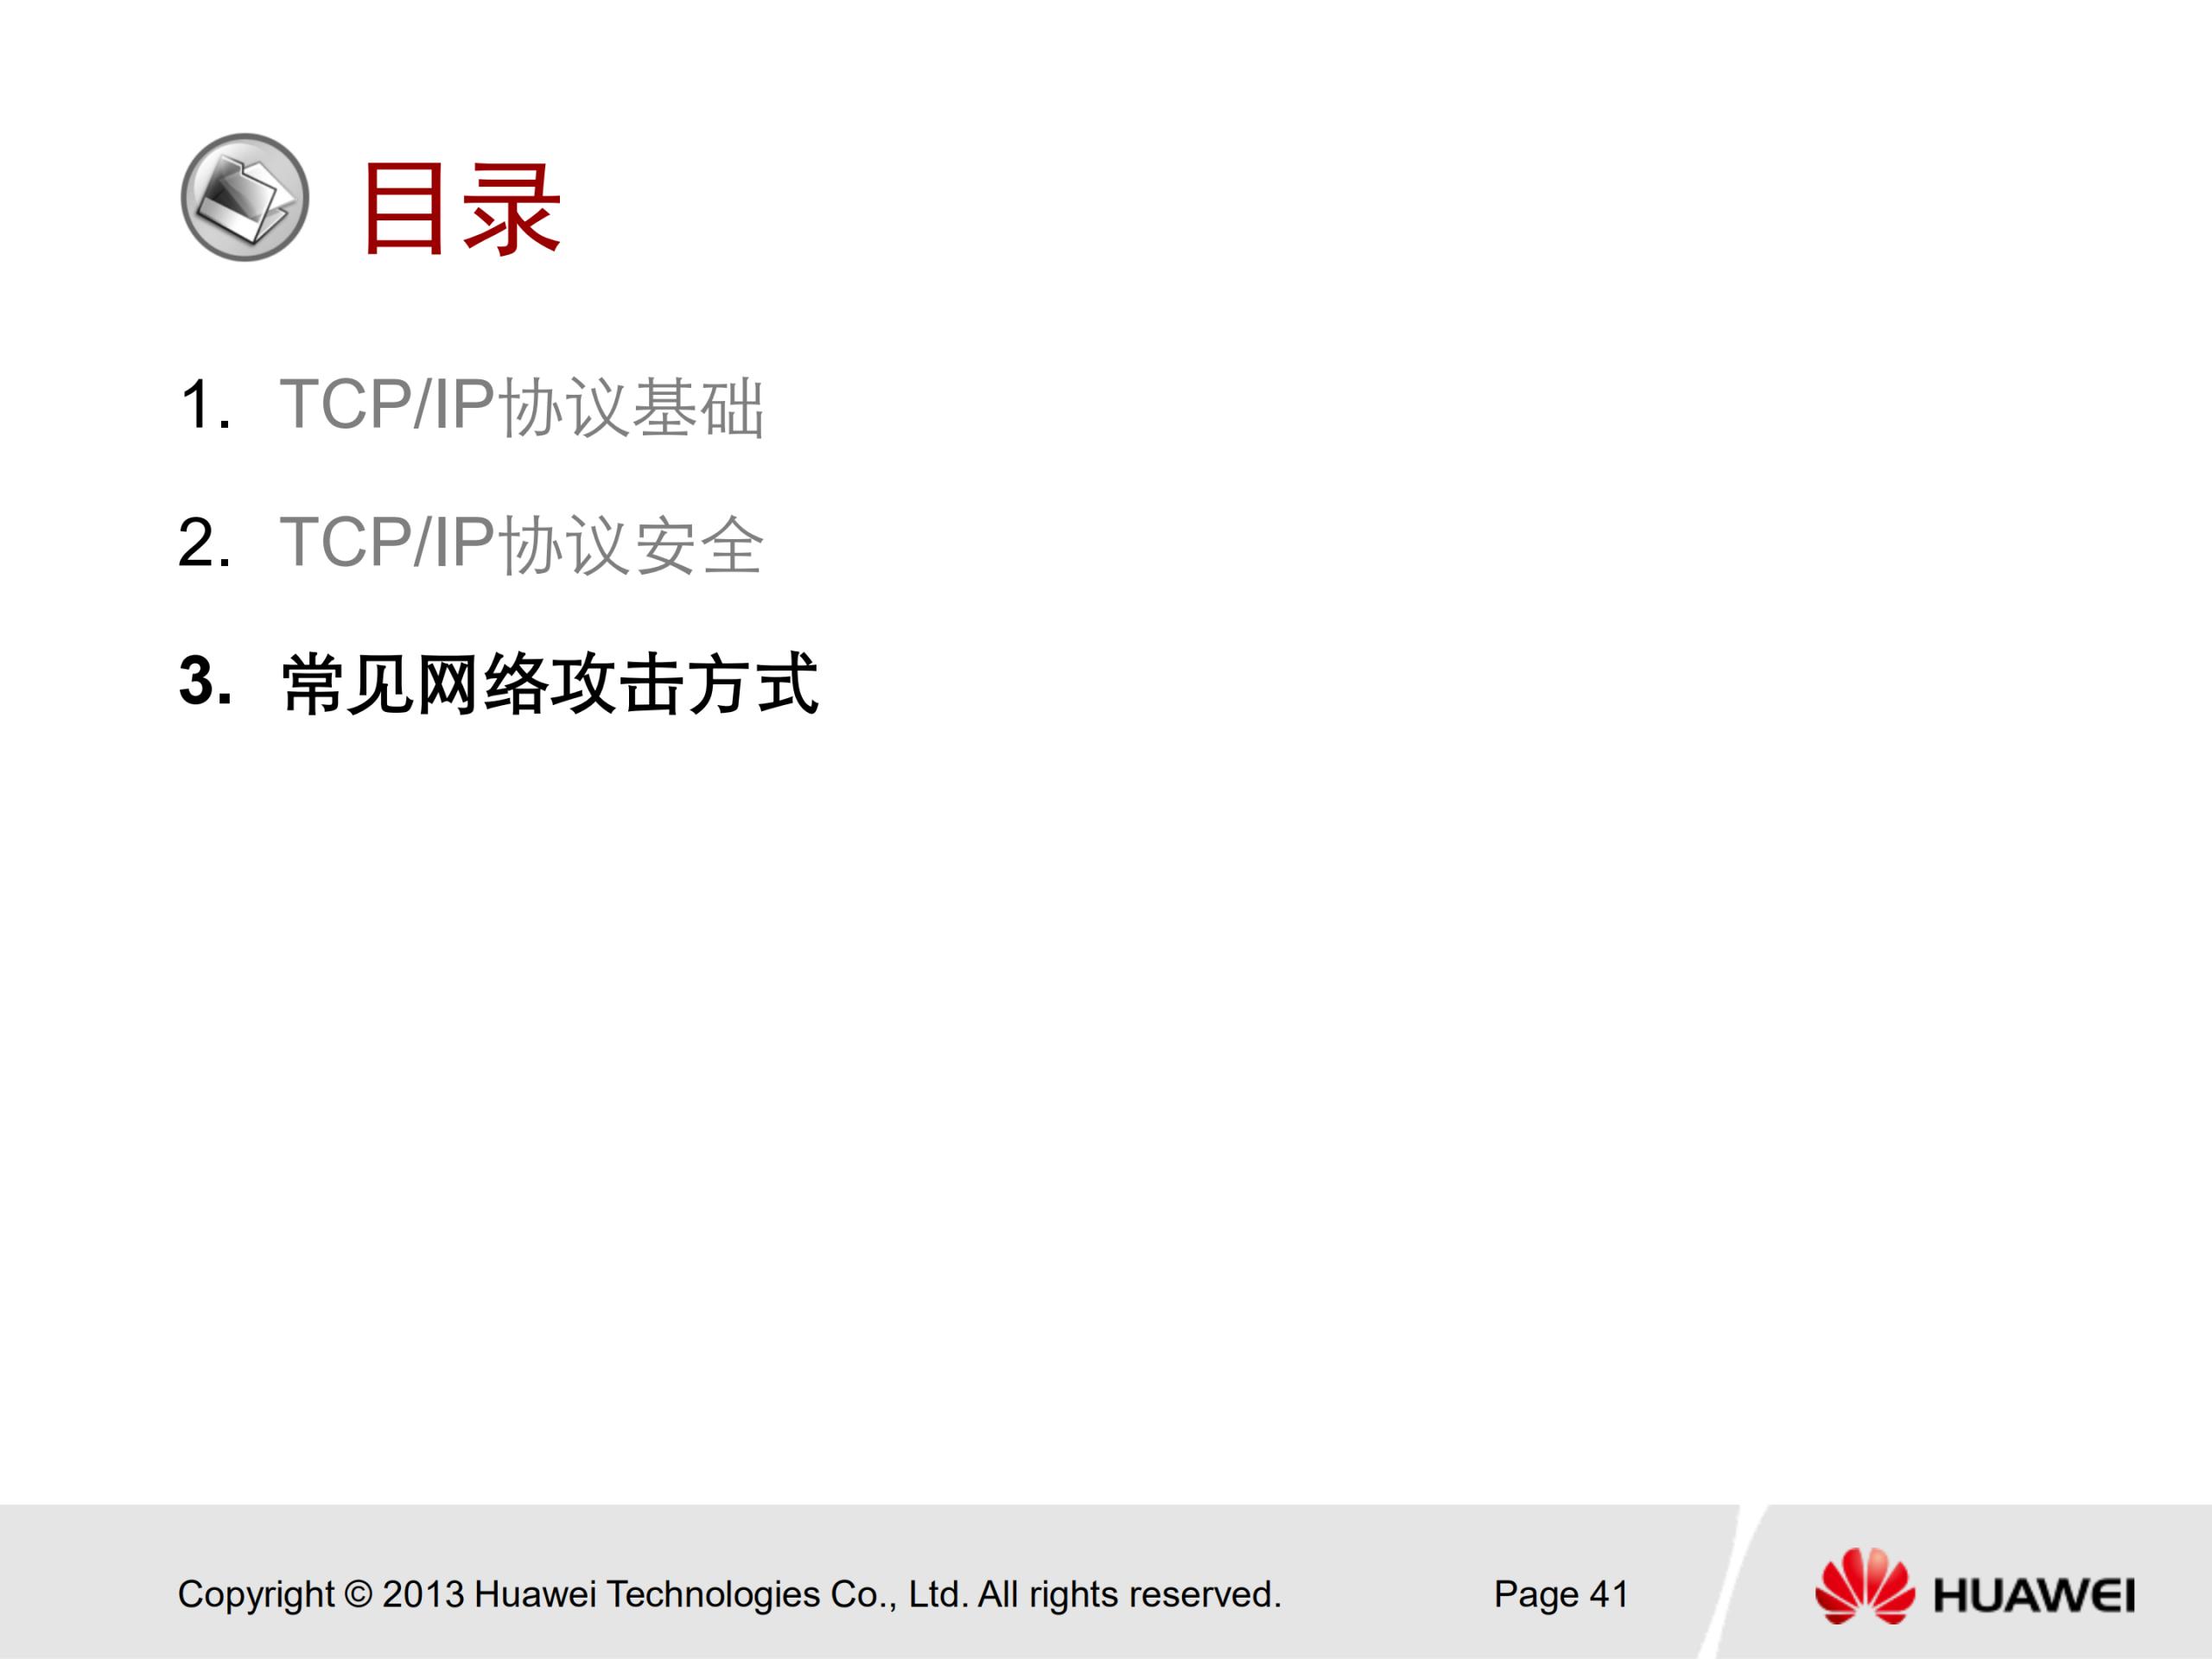 华为安全认证 HCNA Security 中文培训教学PPT V2.0 - 7